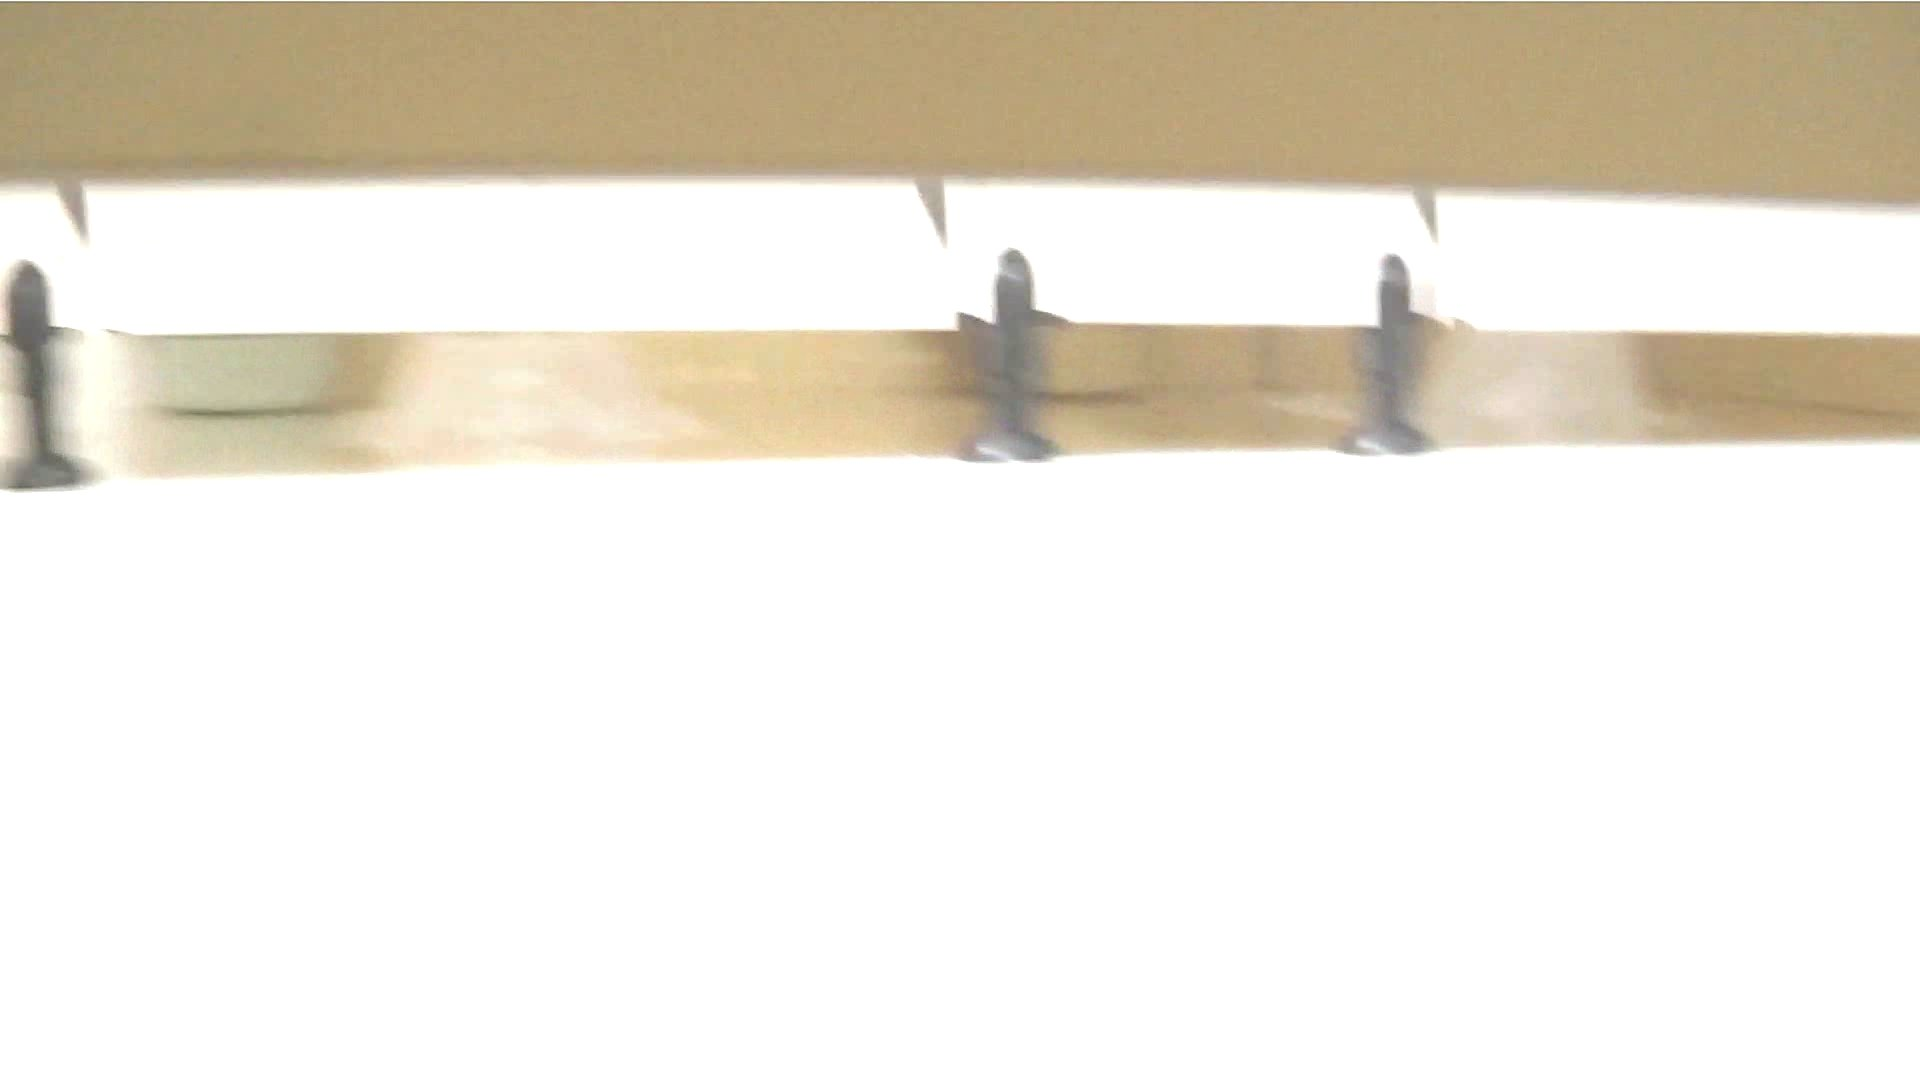 お市さんの「お尻丸出しジャンボリー」No.01 無修正マンコ われめAV動画紹介 44連発 25